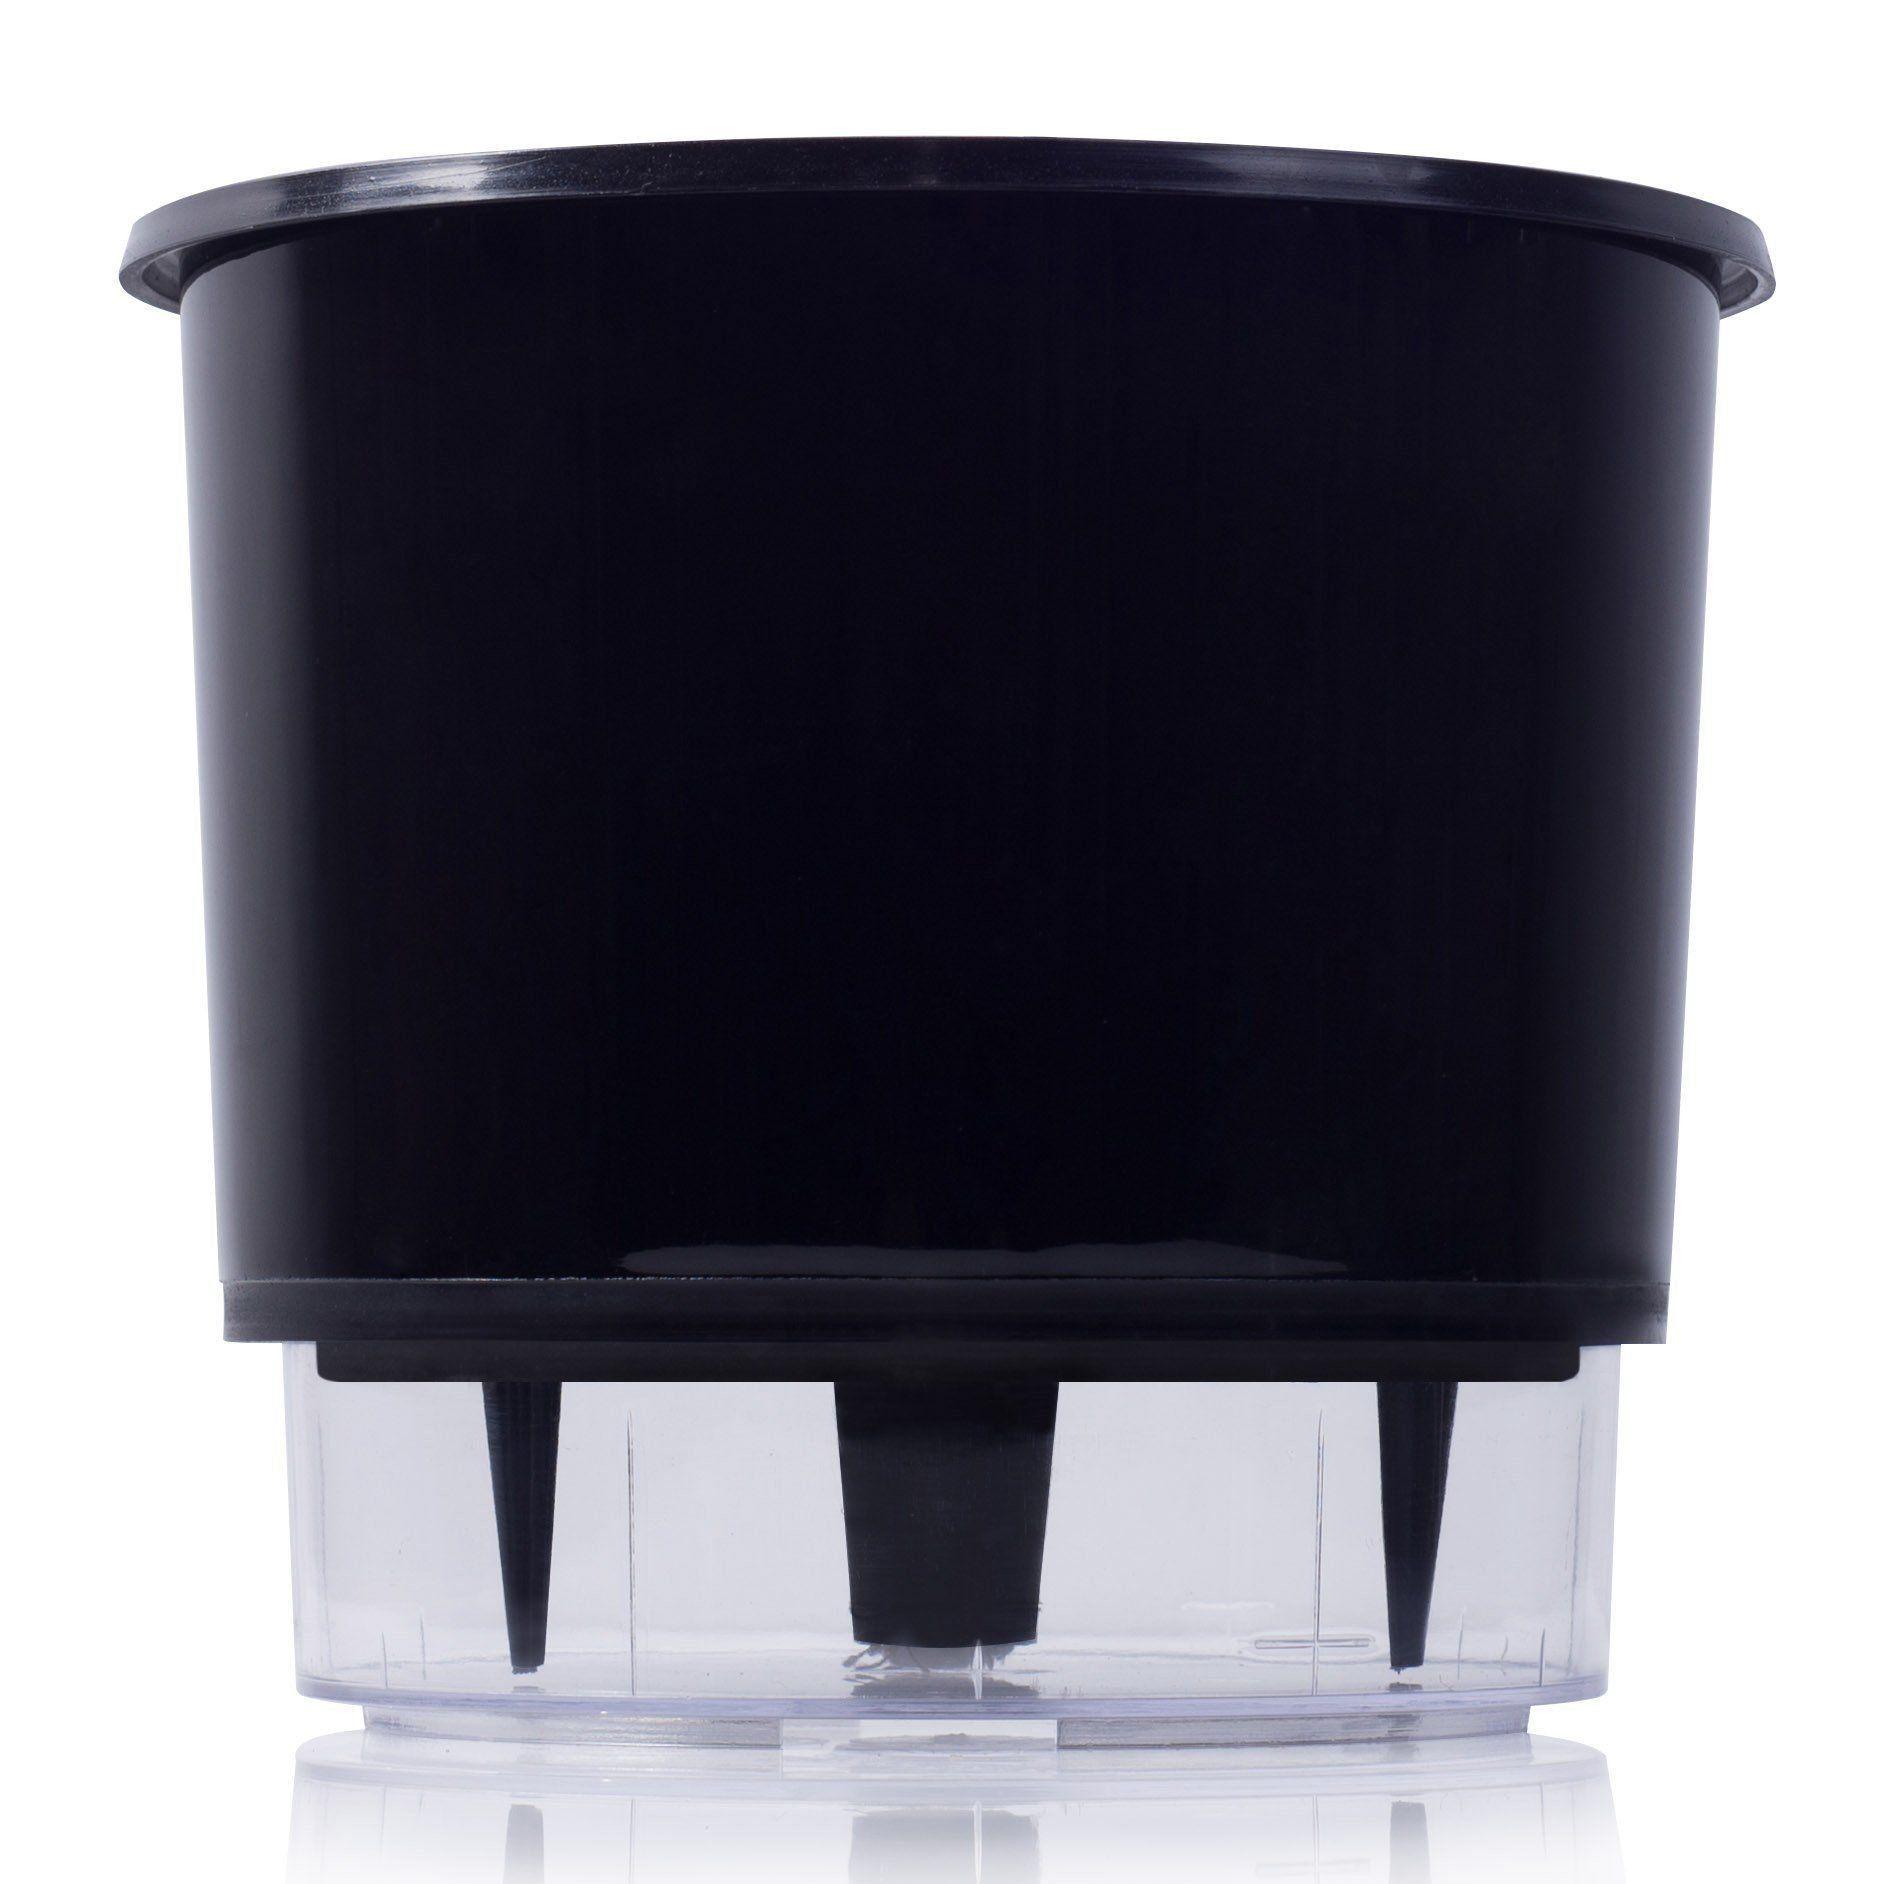 Kit Completo para plantio de Abacaxi Roxo com vaso autoirrigável Grande Preto